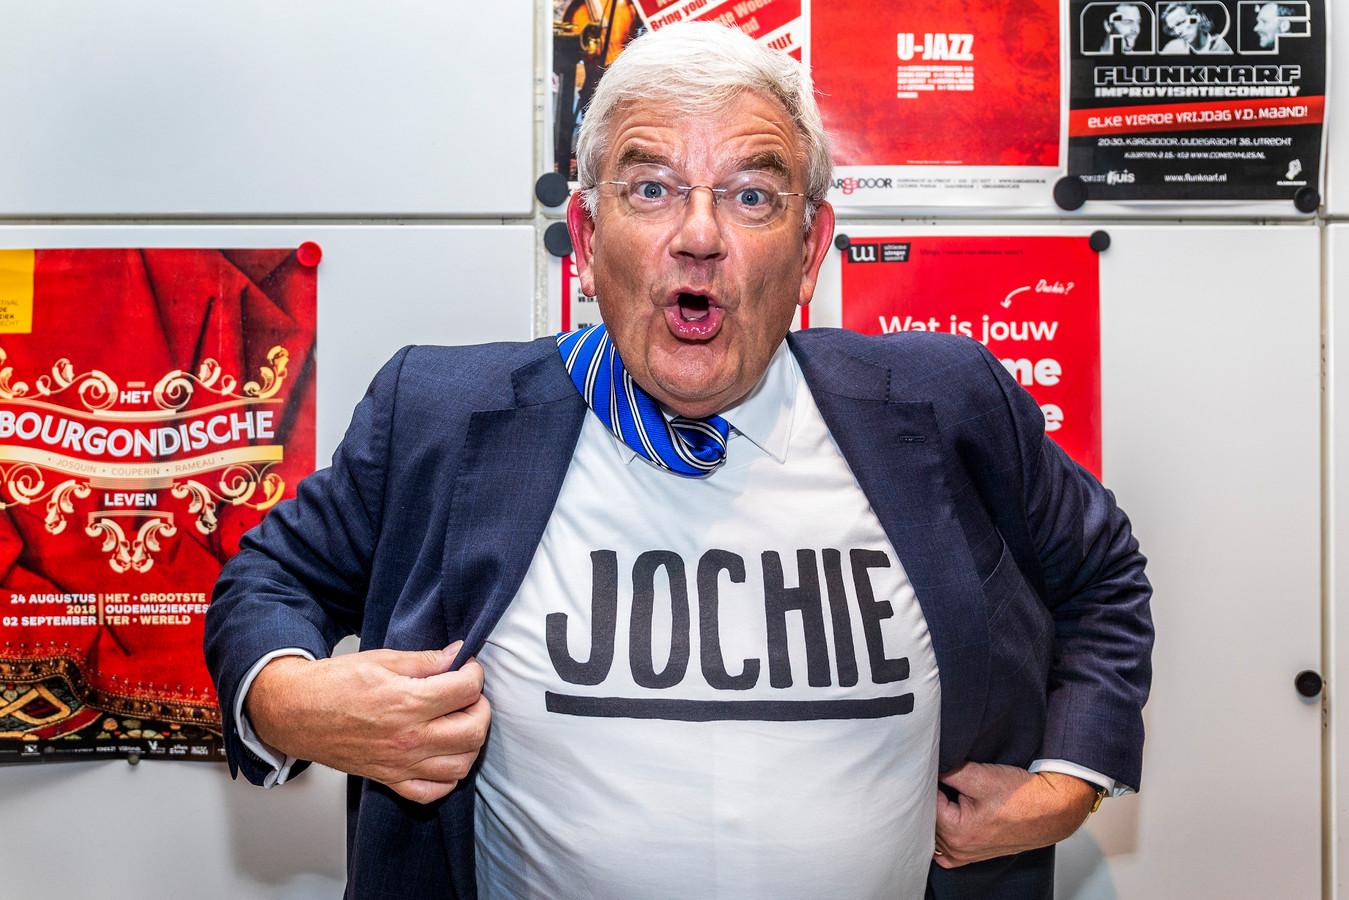 Het Utrechtse 'jochieshirt' gaat mee naar Den Haag.